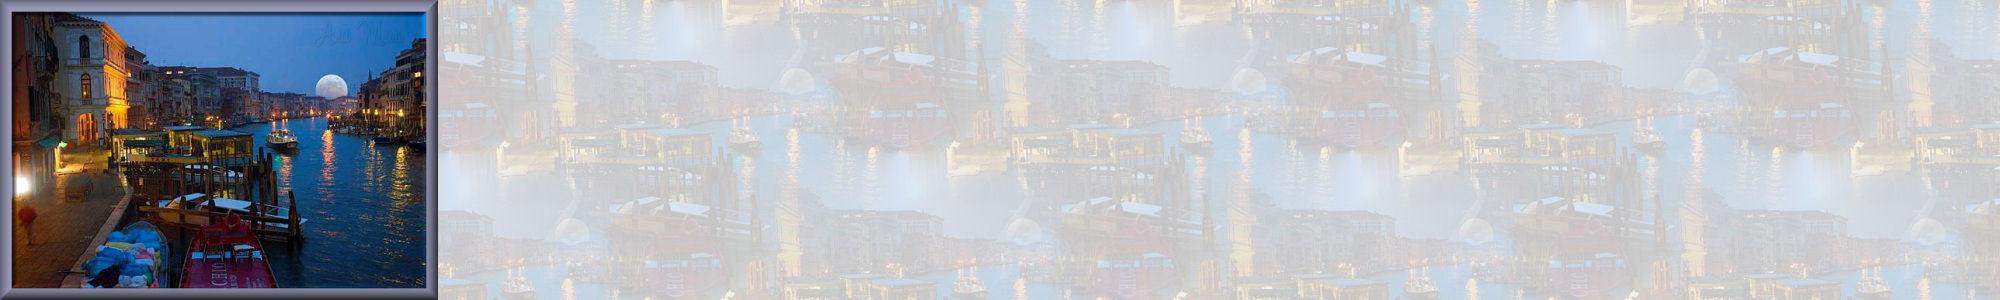 Fondo IM ciudades_venecia_002.imf